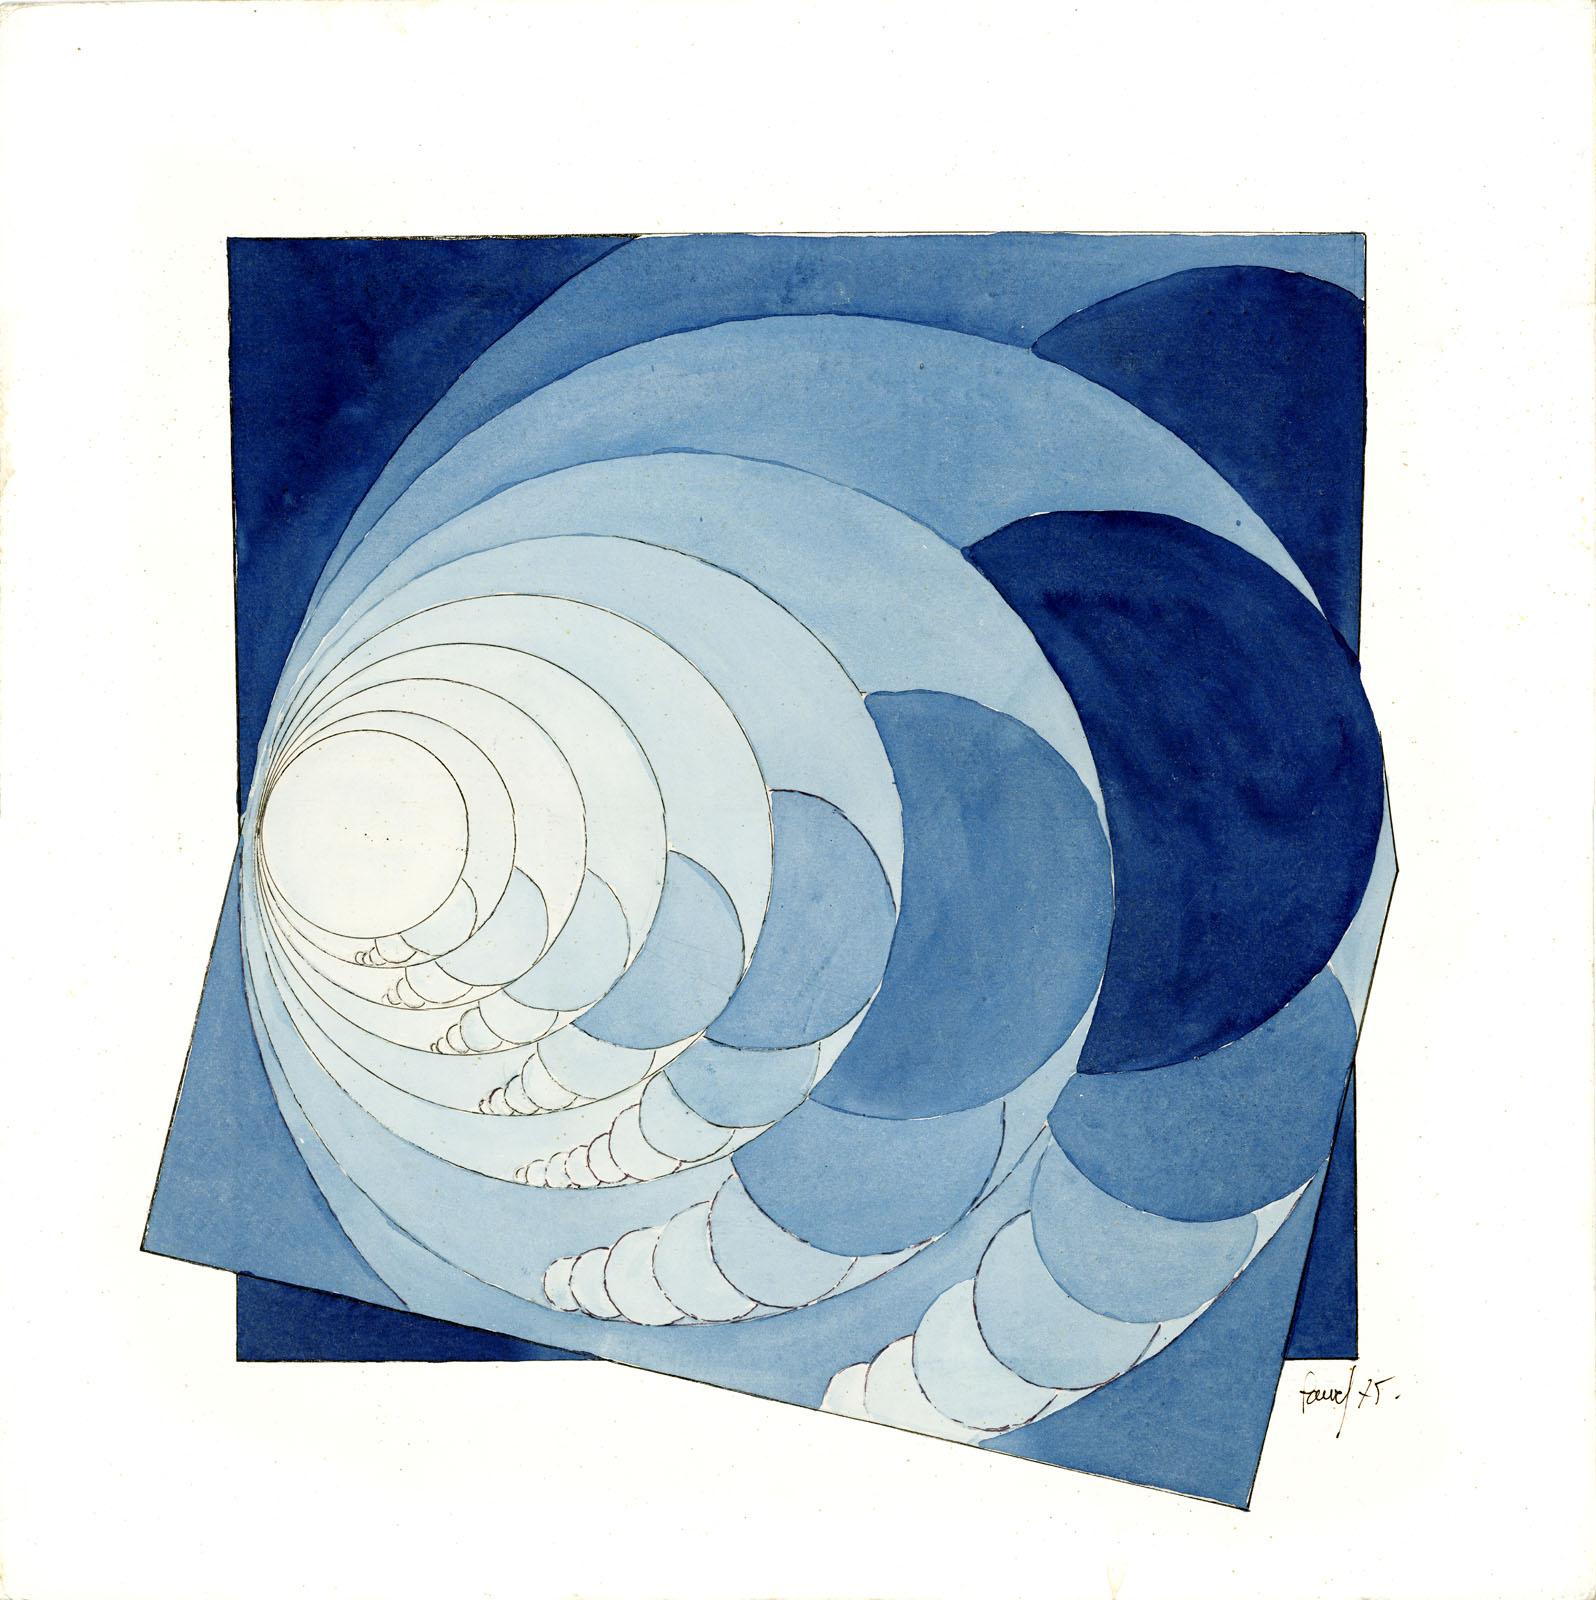 panies-danielvillalobos-painting-twentiethcentury-kinetic-art-12